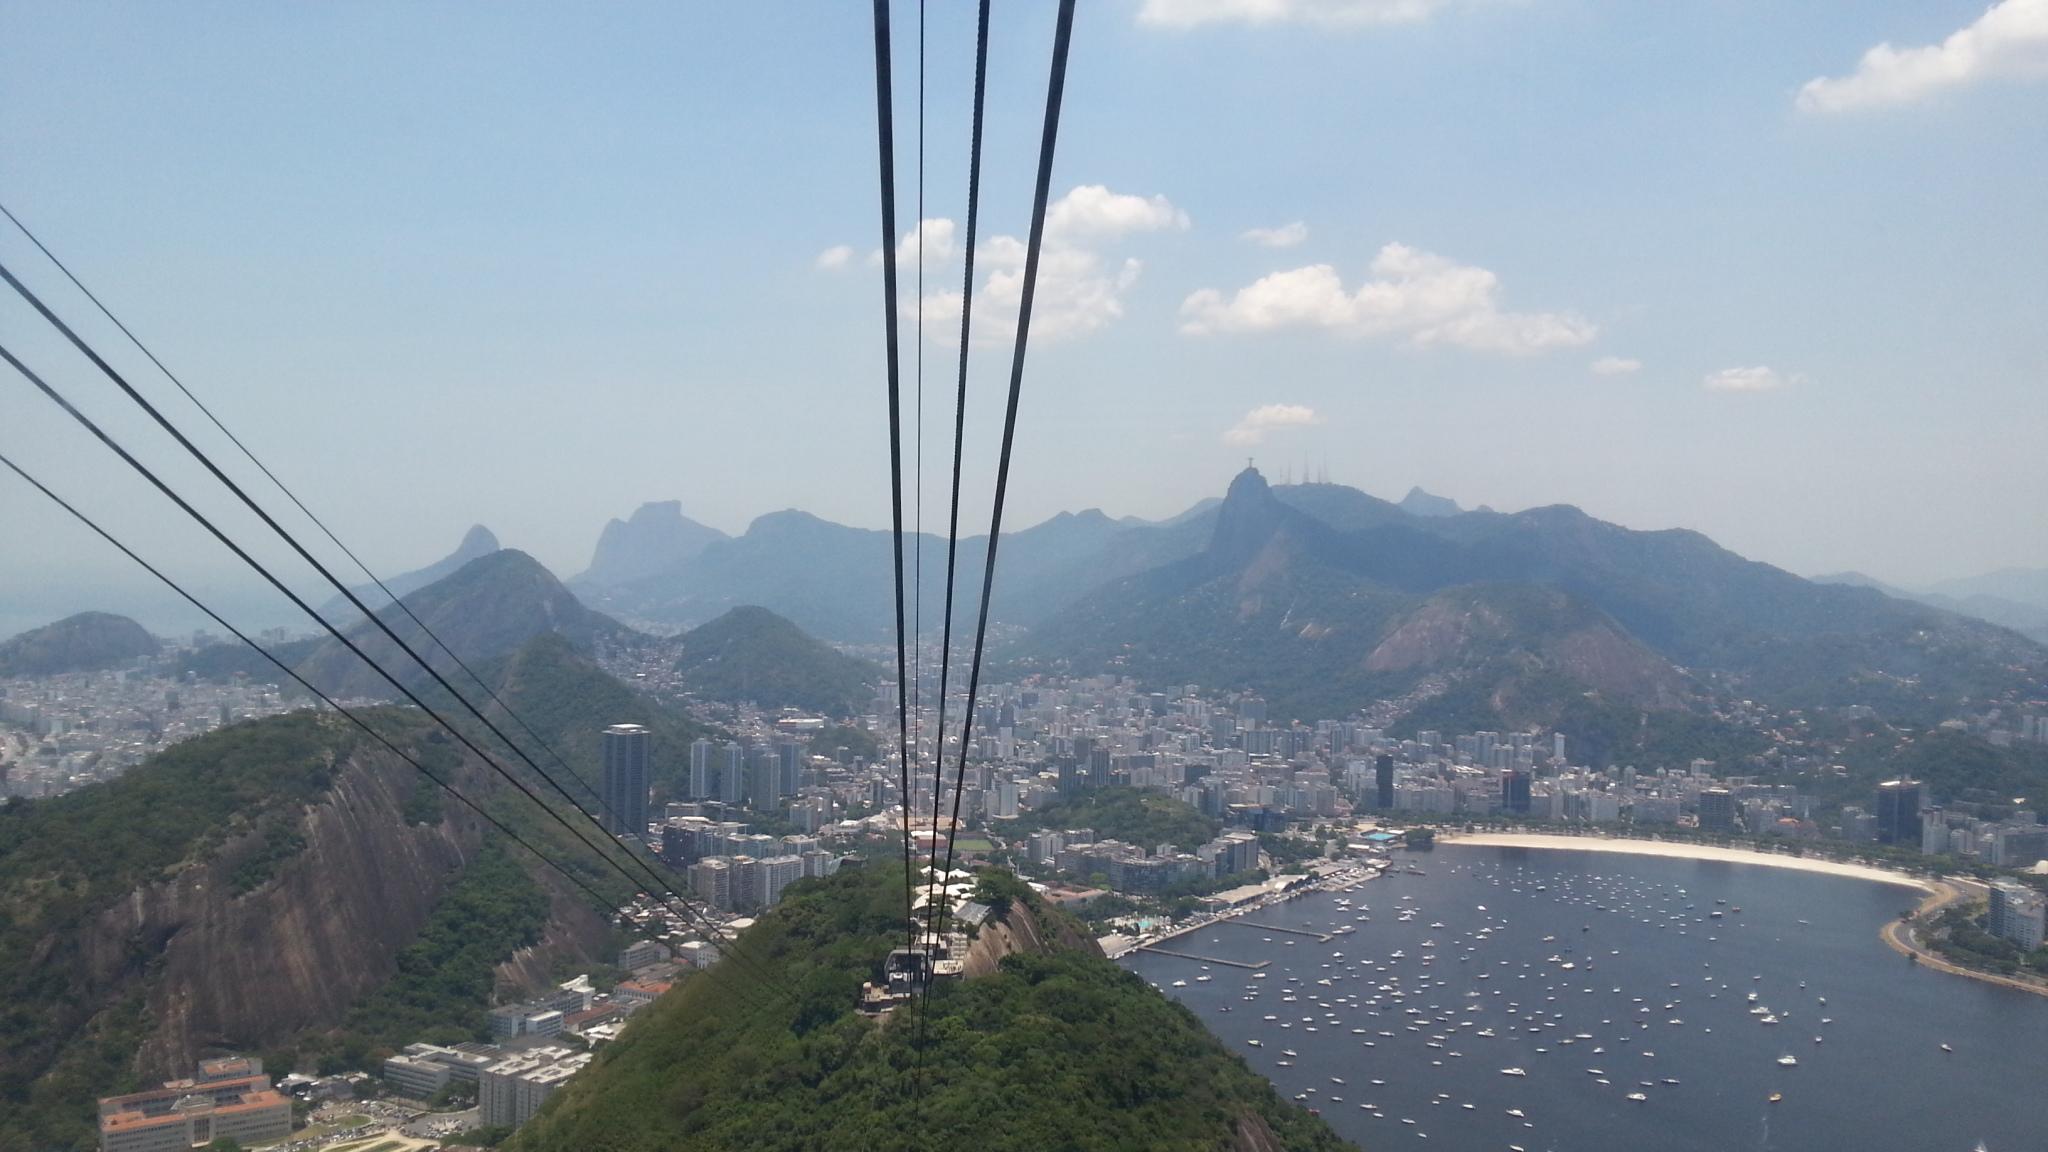 Vista 360 graus do Pão de Açúcar, no Rio de Janeiro